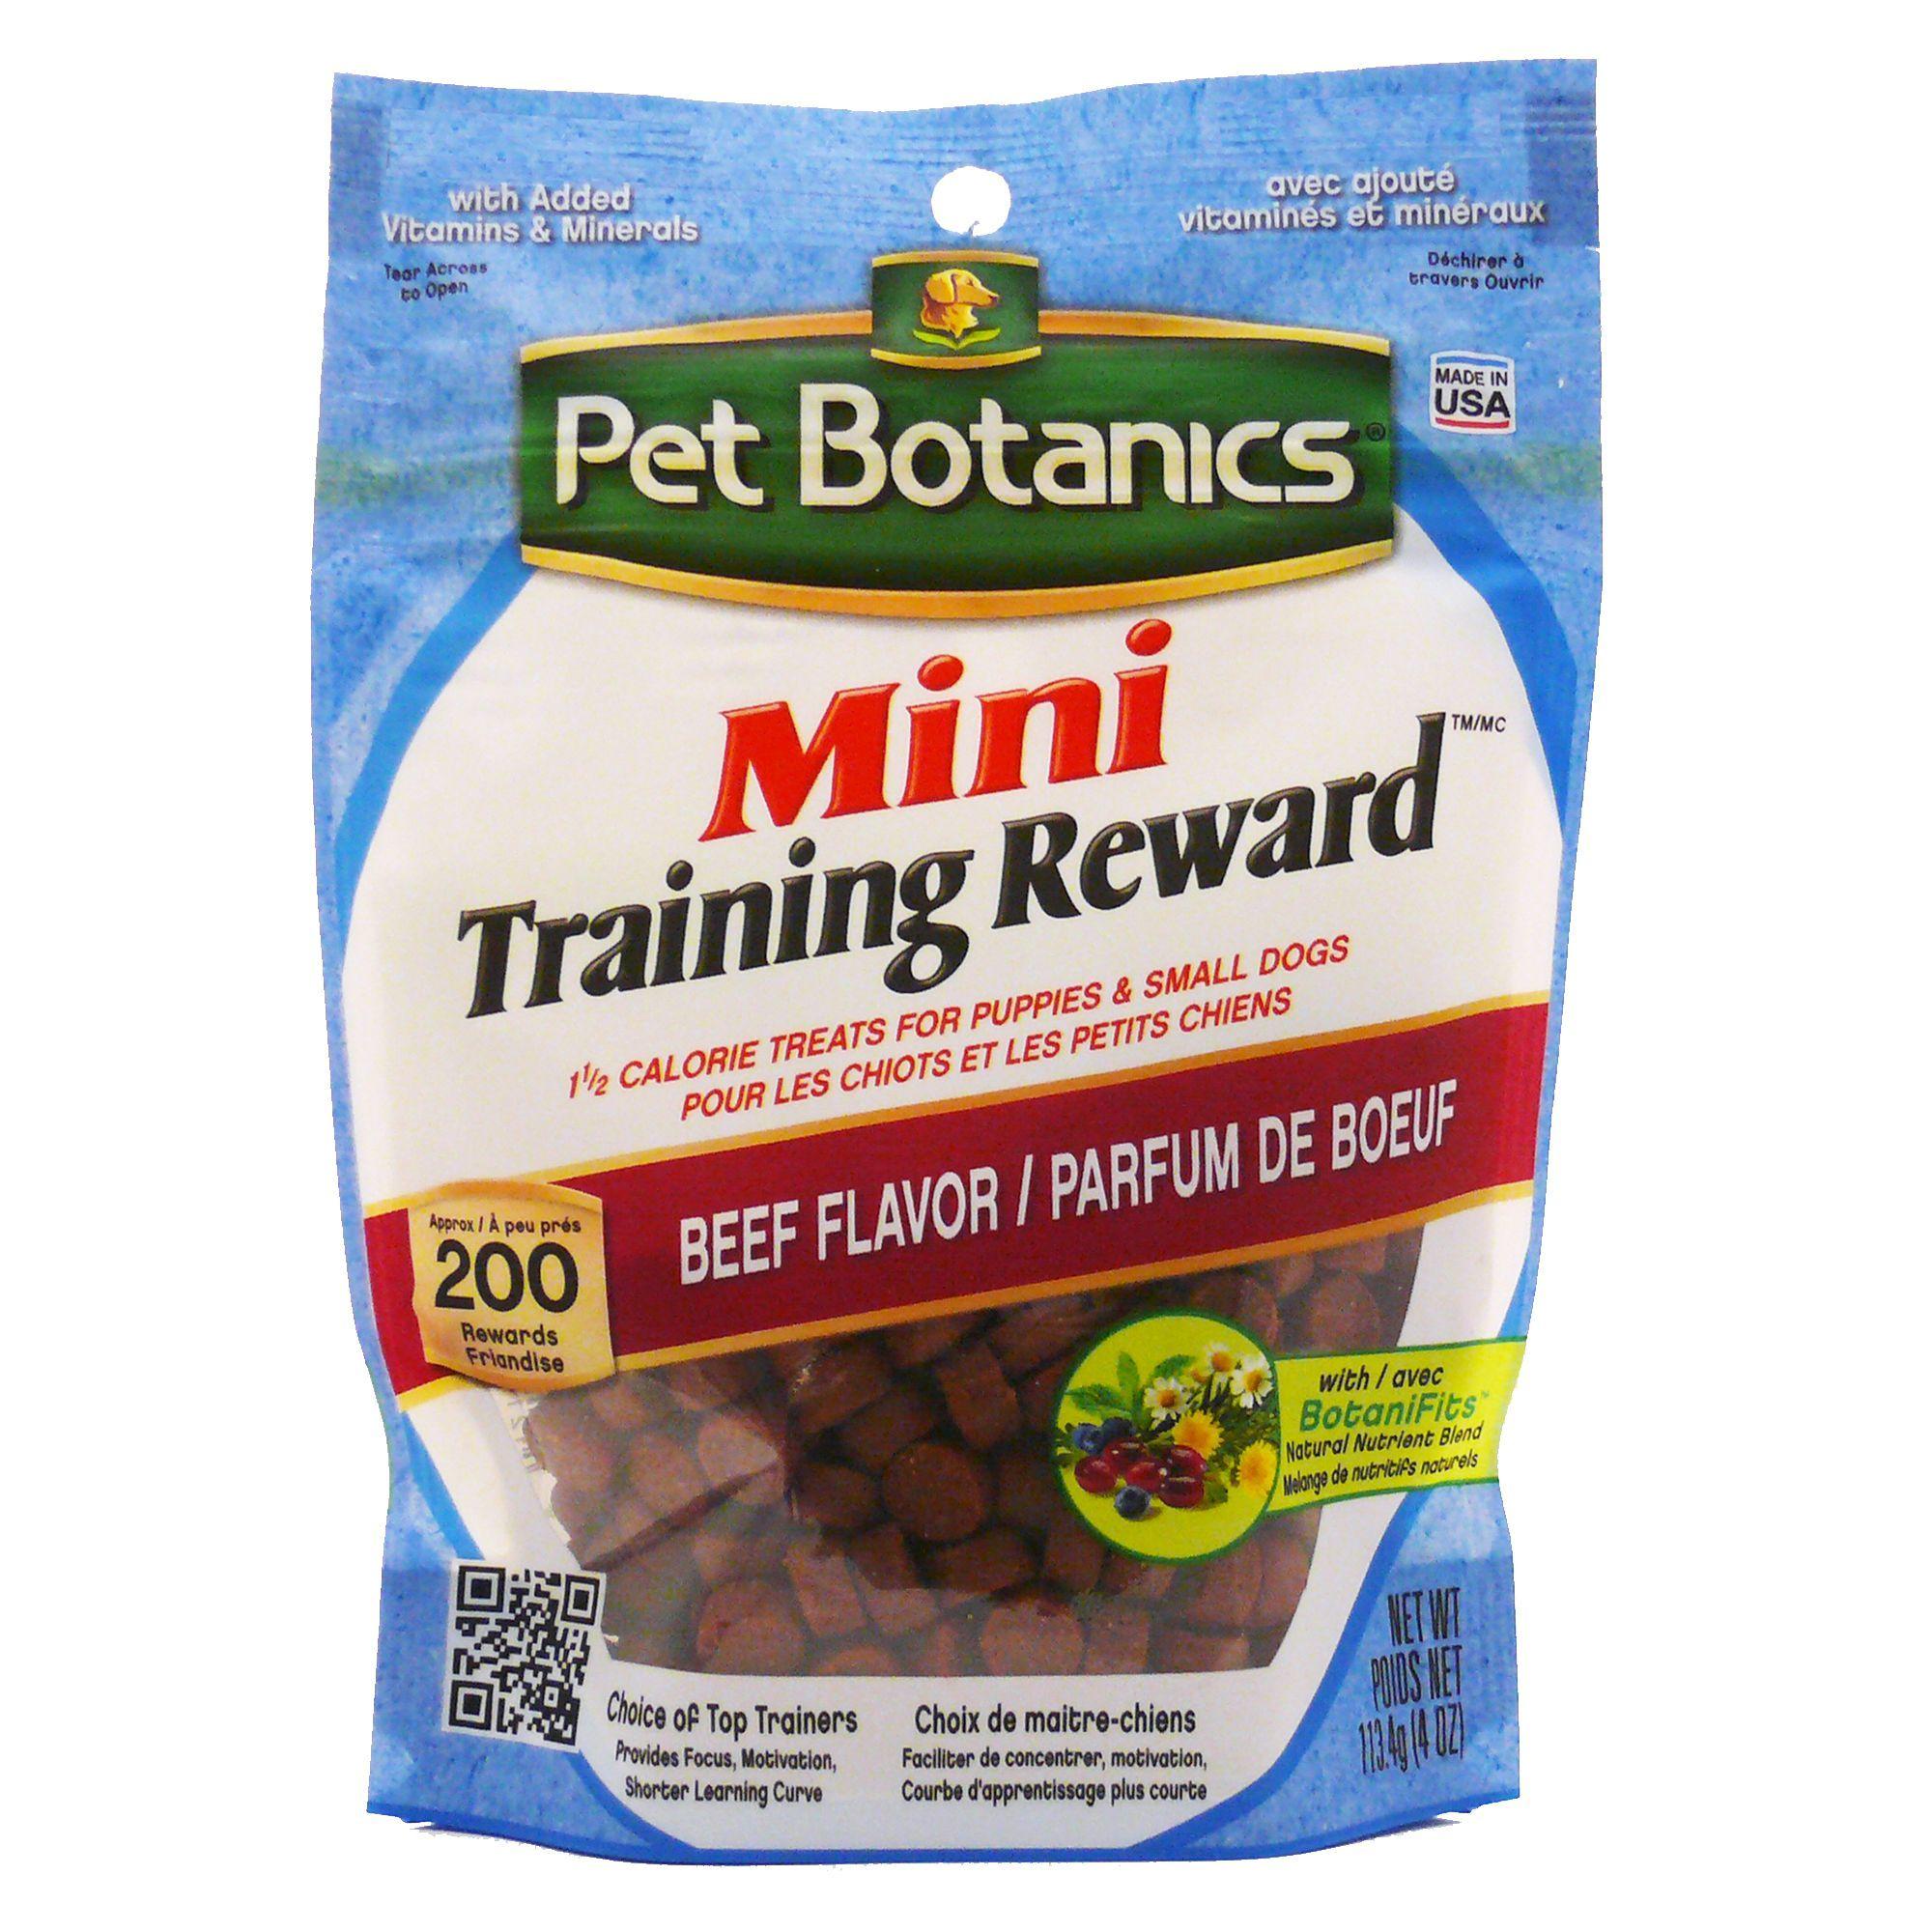 Pet Botanics Mini Training Rewards Dog Treats Size 4 Oz Barley